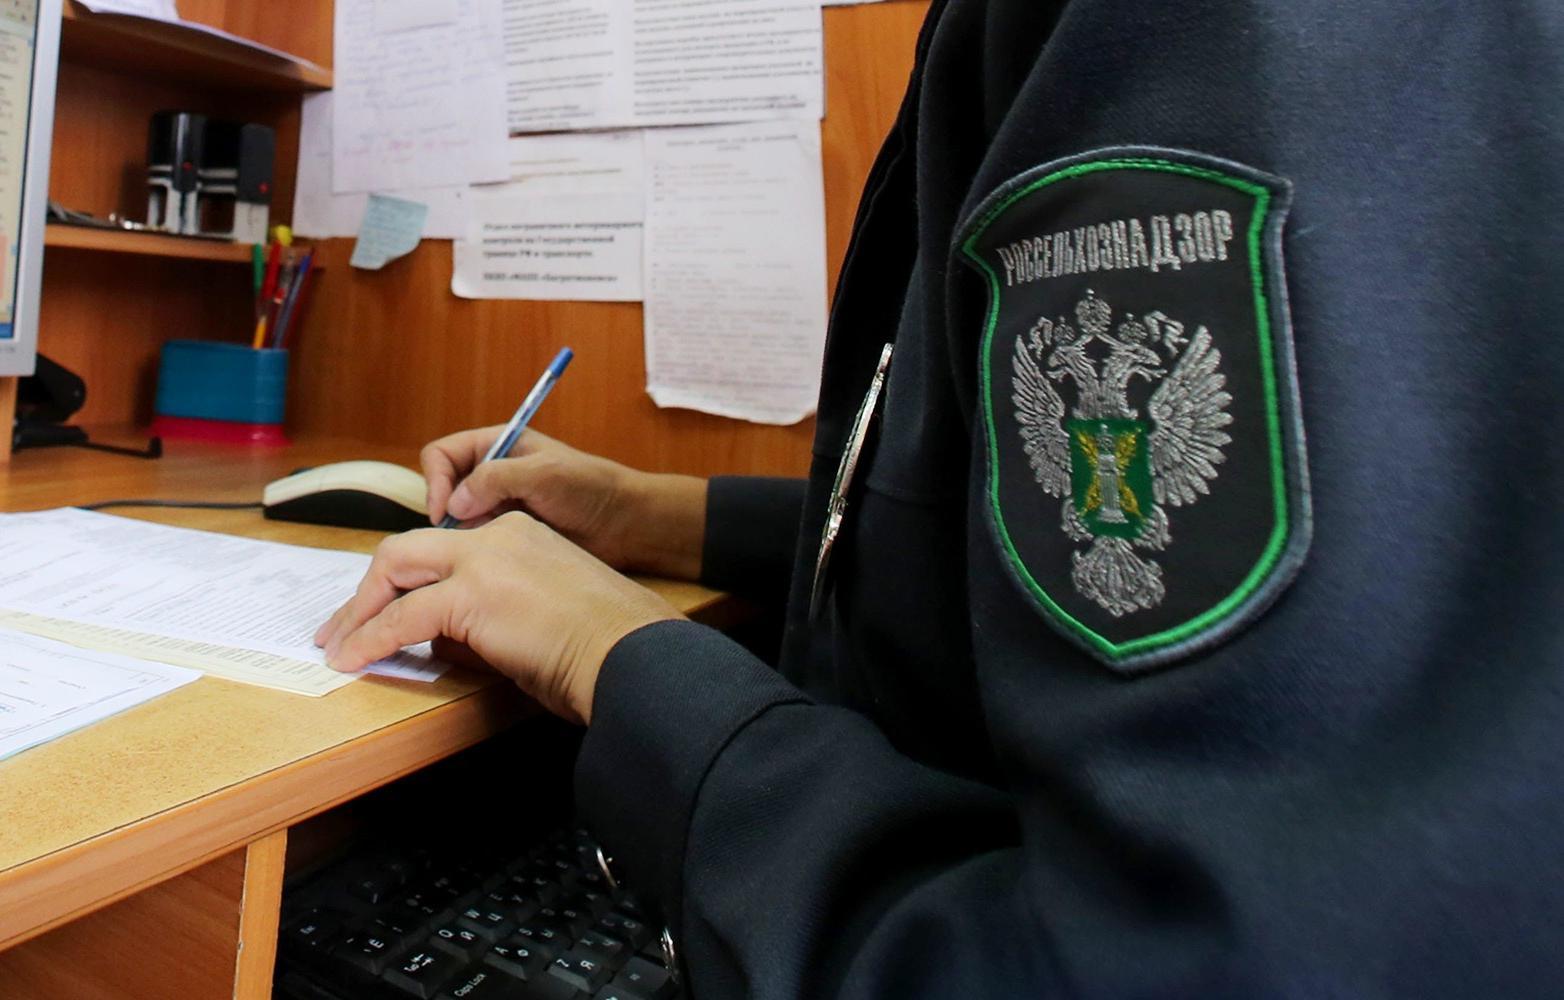 Фермерское хозяйство в Курской области нарушило требования техрегламента Таможенного союза